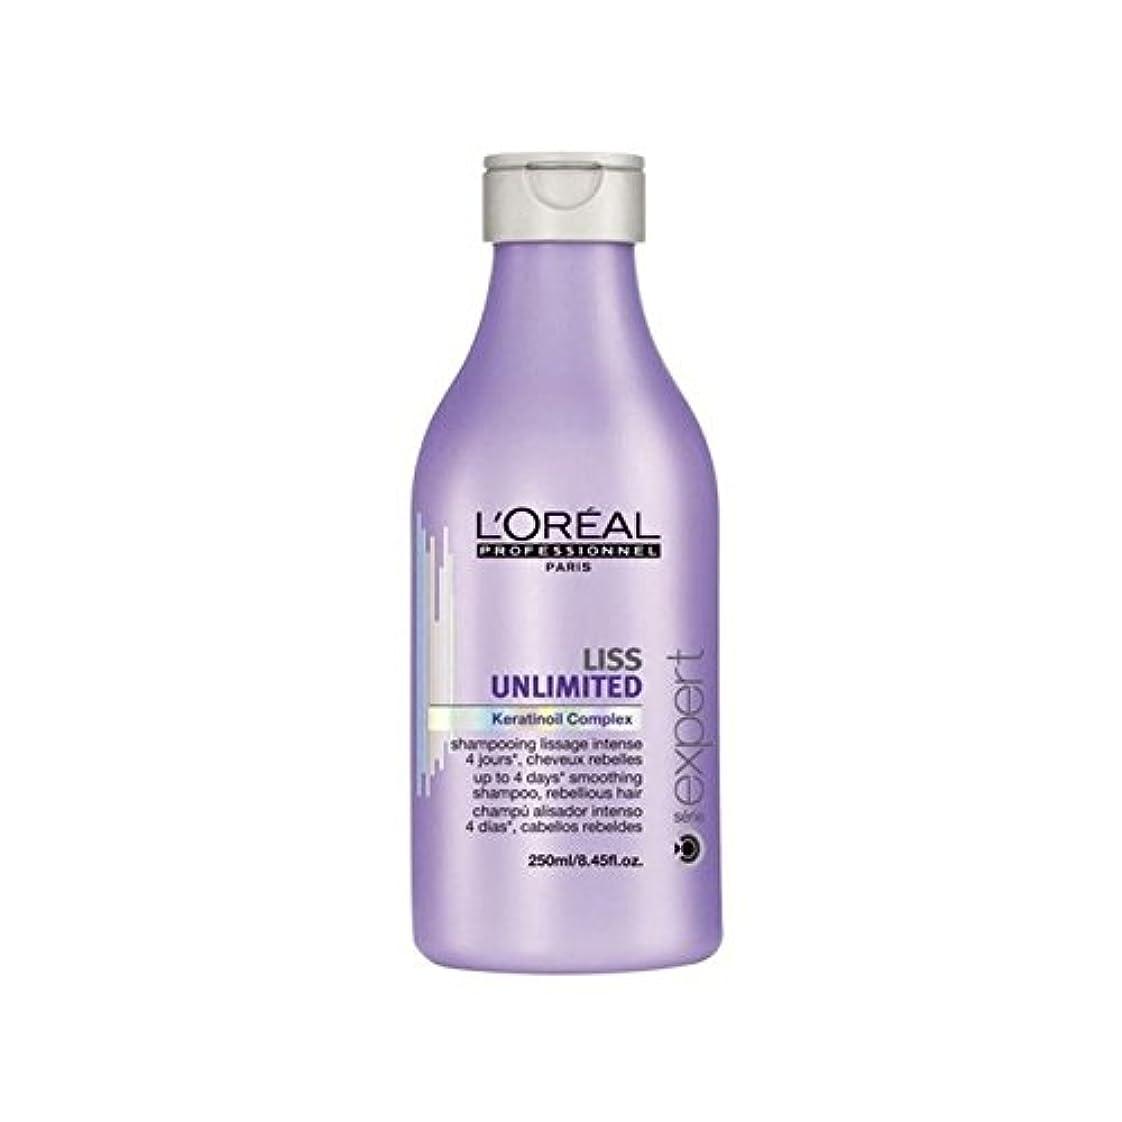 目立つ防衛サッカーL'Oreal Professionnel Serie Expert Liss Unlimited Shampoo (250ml) - ロレアルプロフェッショナルセリエ専門家無制限のシャンプー(250ミリリットル) [並行輸入品]